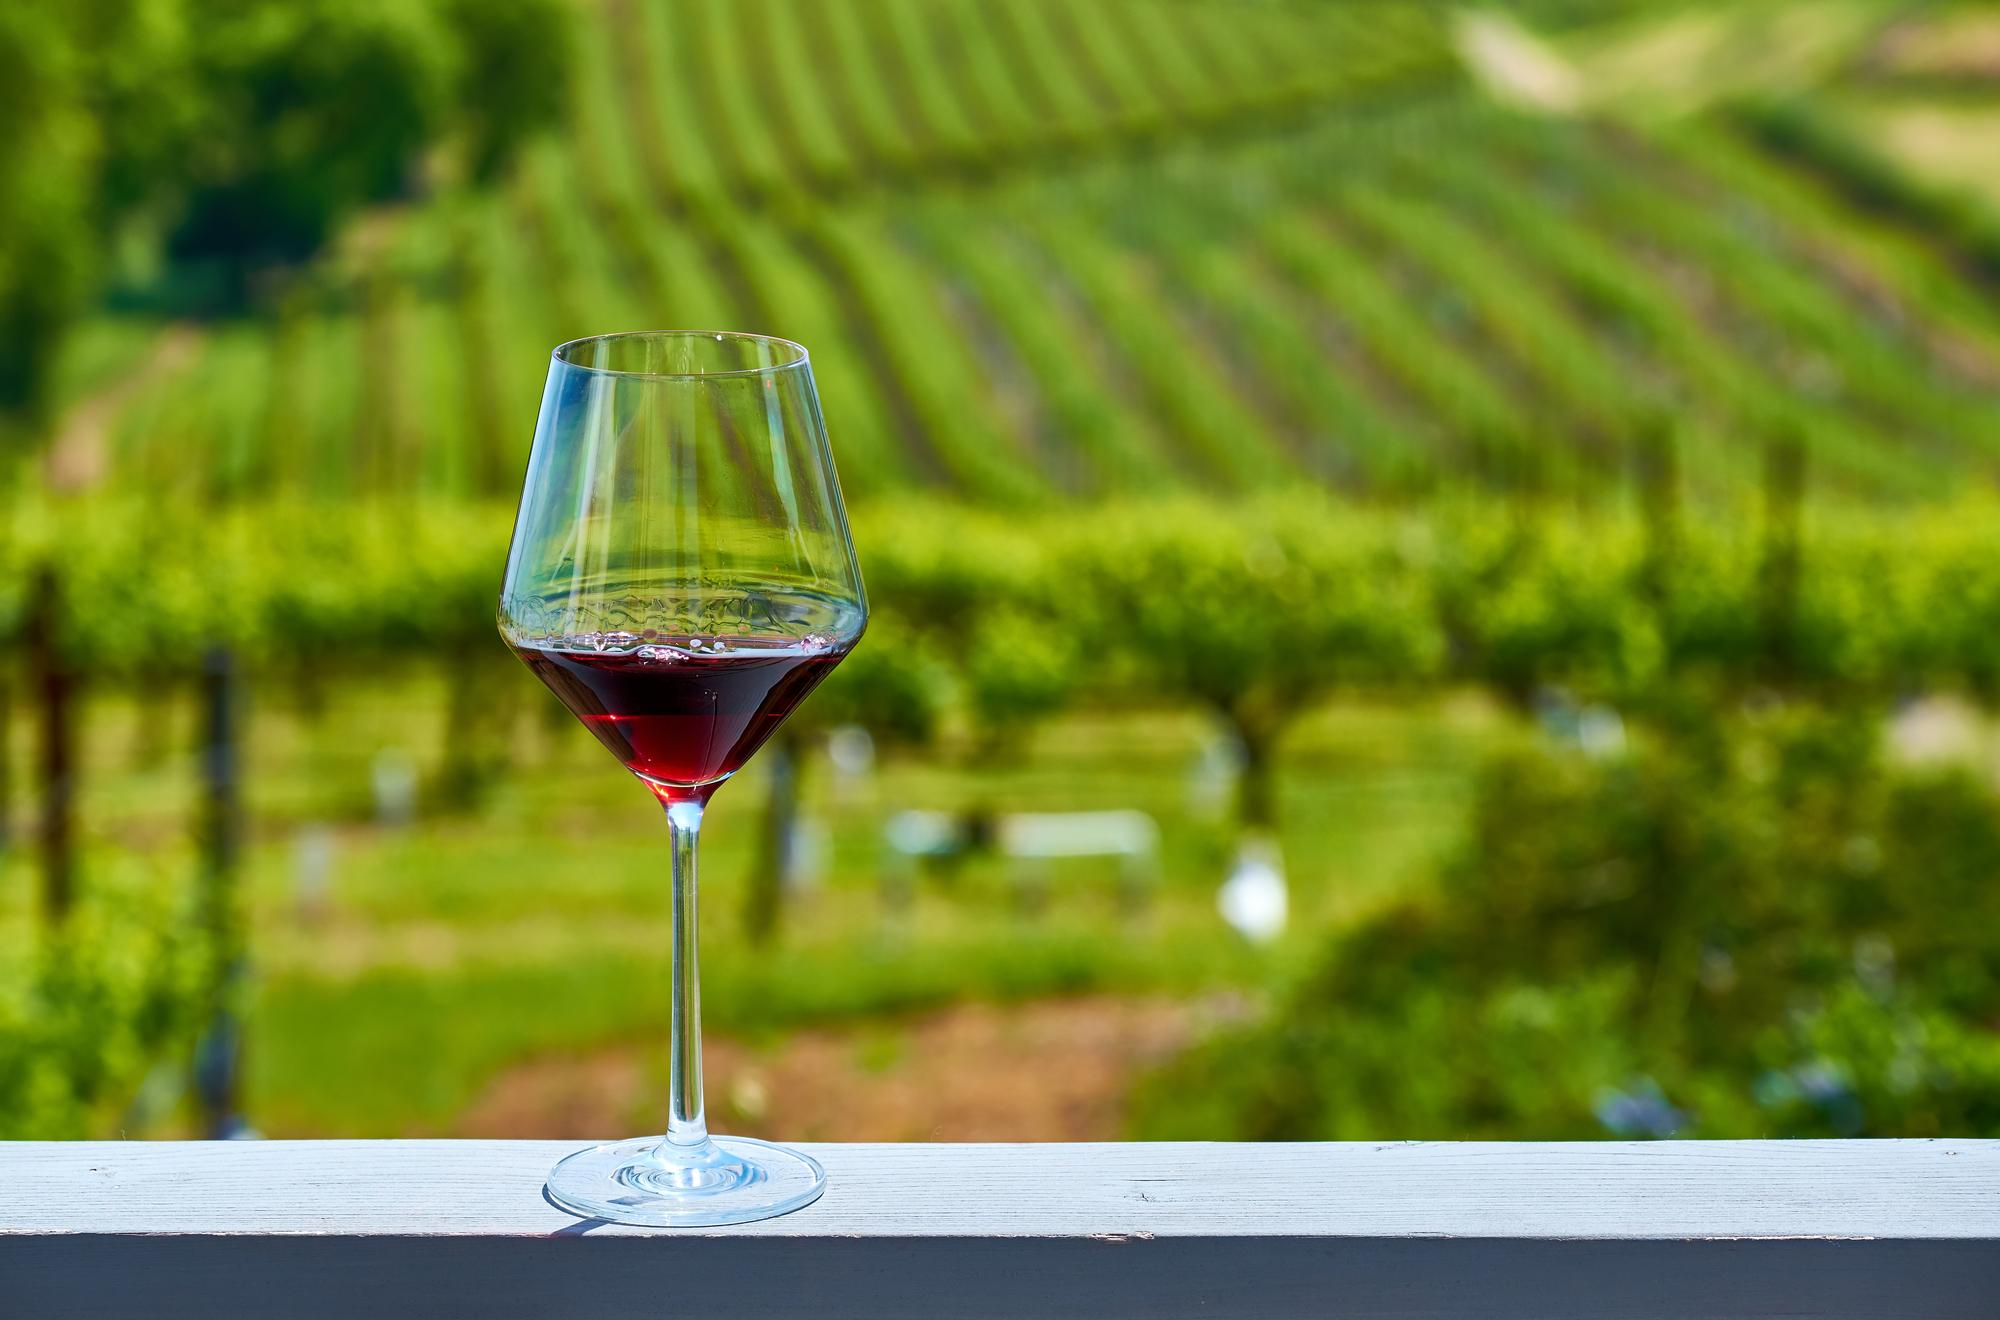 ブドウ園と赤ワイン